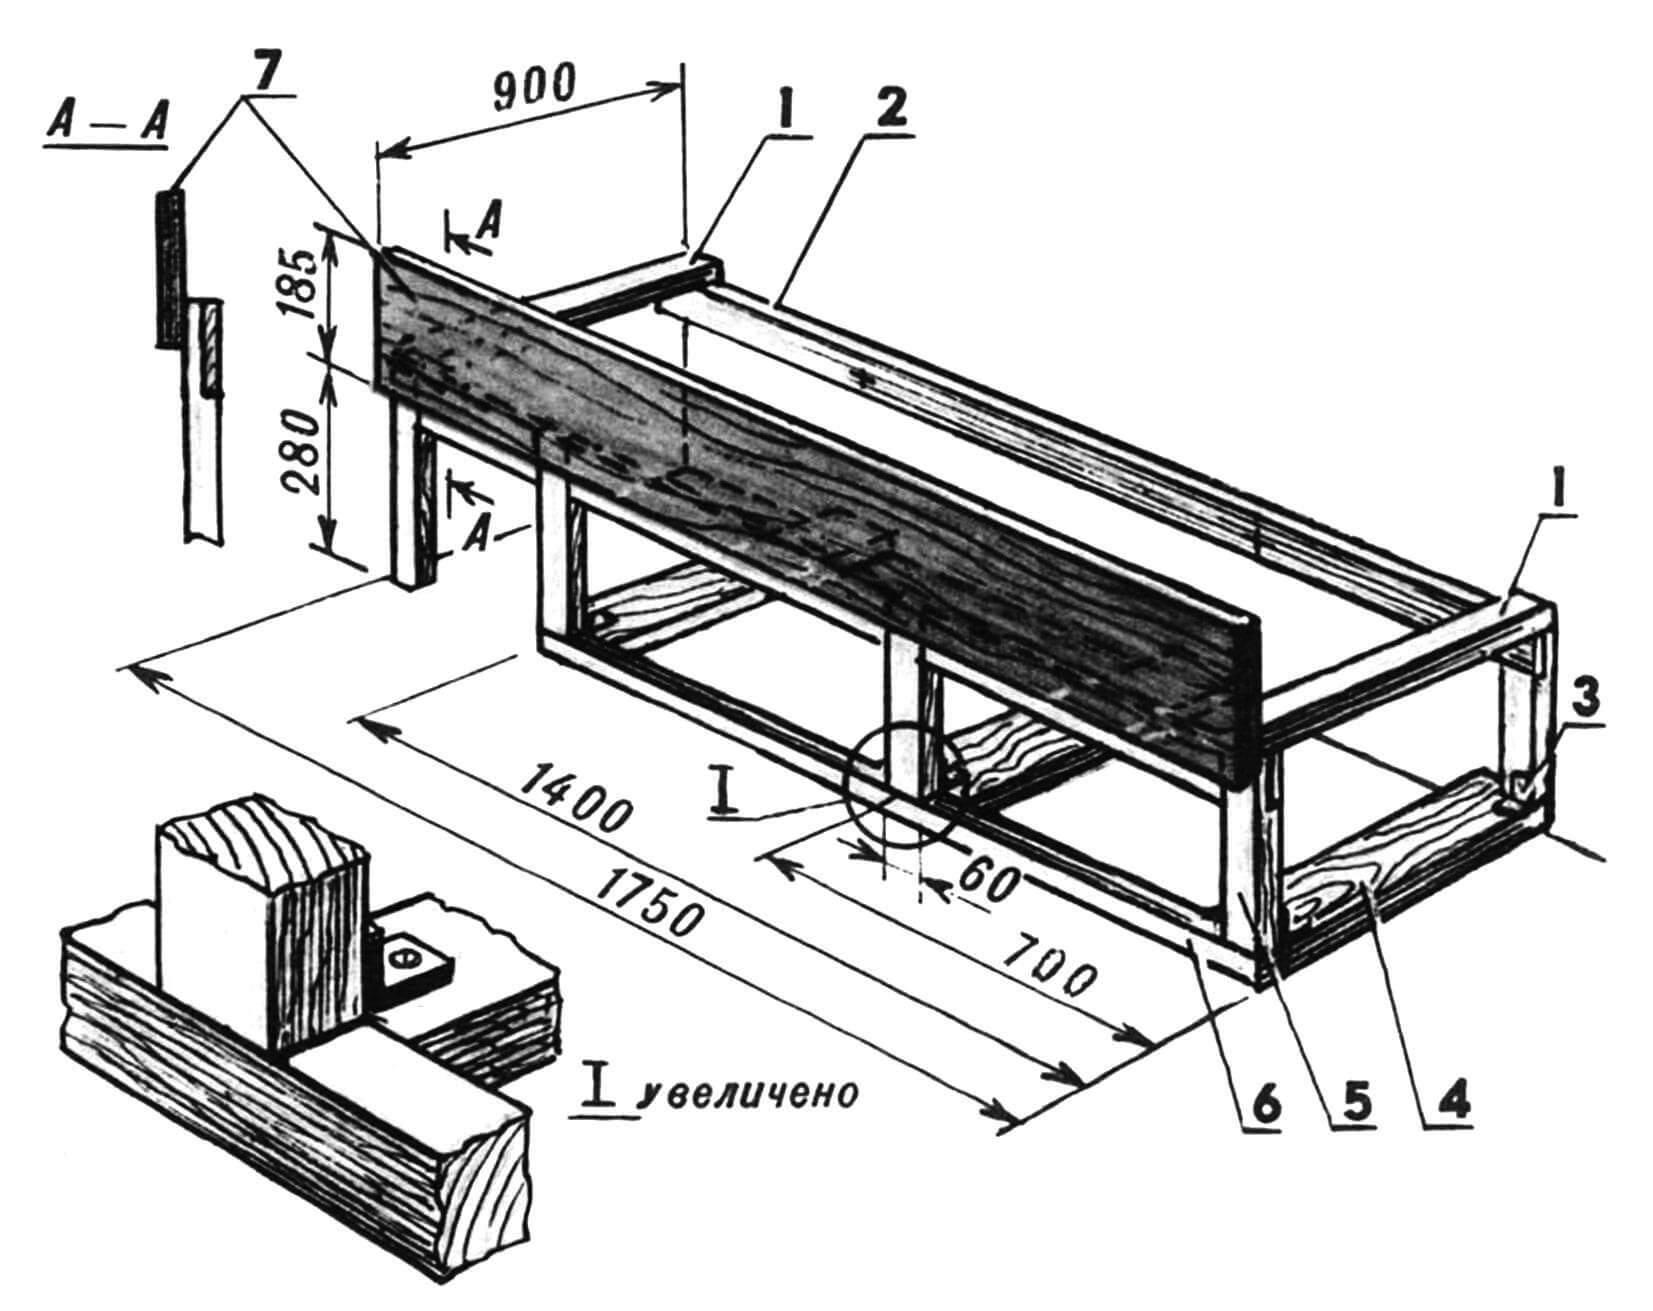 Нижняя кровать: 1 — брусья рамы поперечные (881x50x30); 2 — брус рамы продольный (1750x50x30, 2 шт.); 3 — уголок мебельный (4 шт.); 4 — направляющие (доска, 821x80x30, 3 шт.); 5 — стойка (5 шт.); 6 — брус напольный (1400x50x30); 7 — ограждение (1750x185x19).